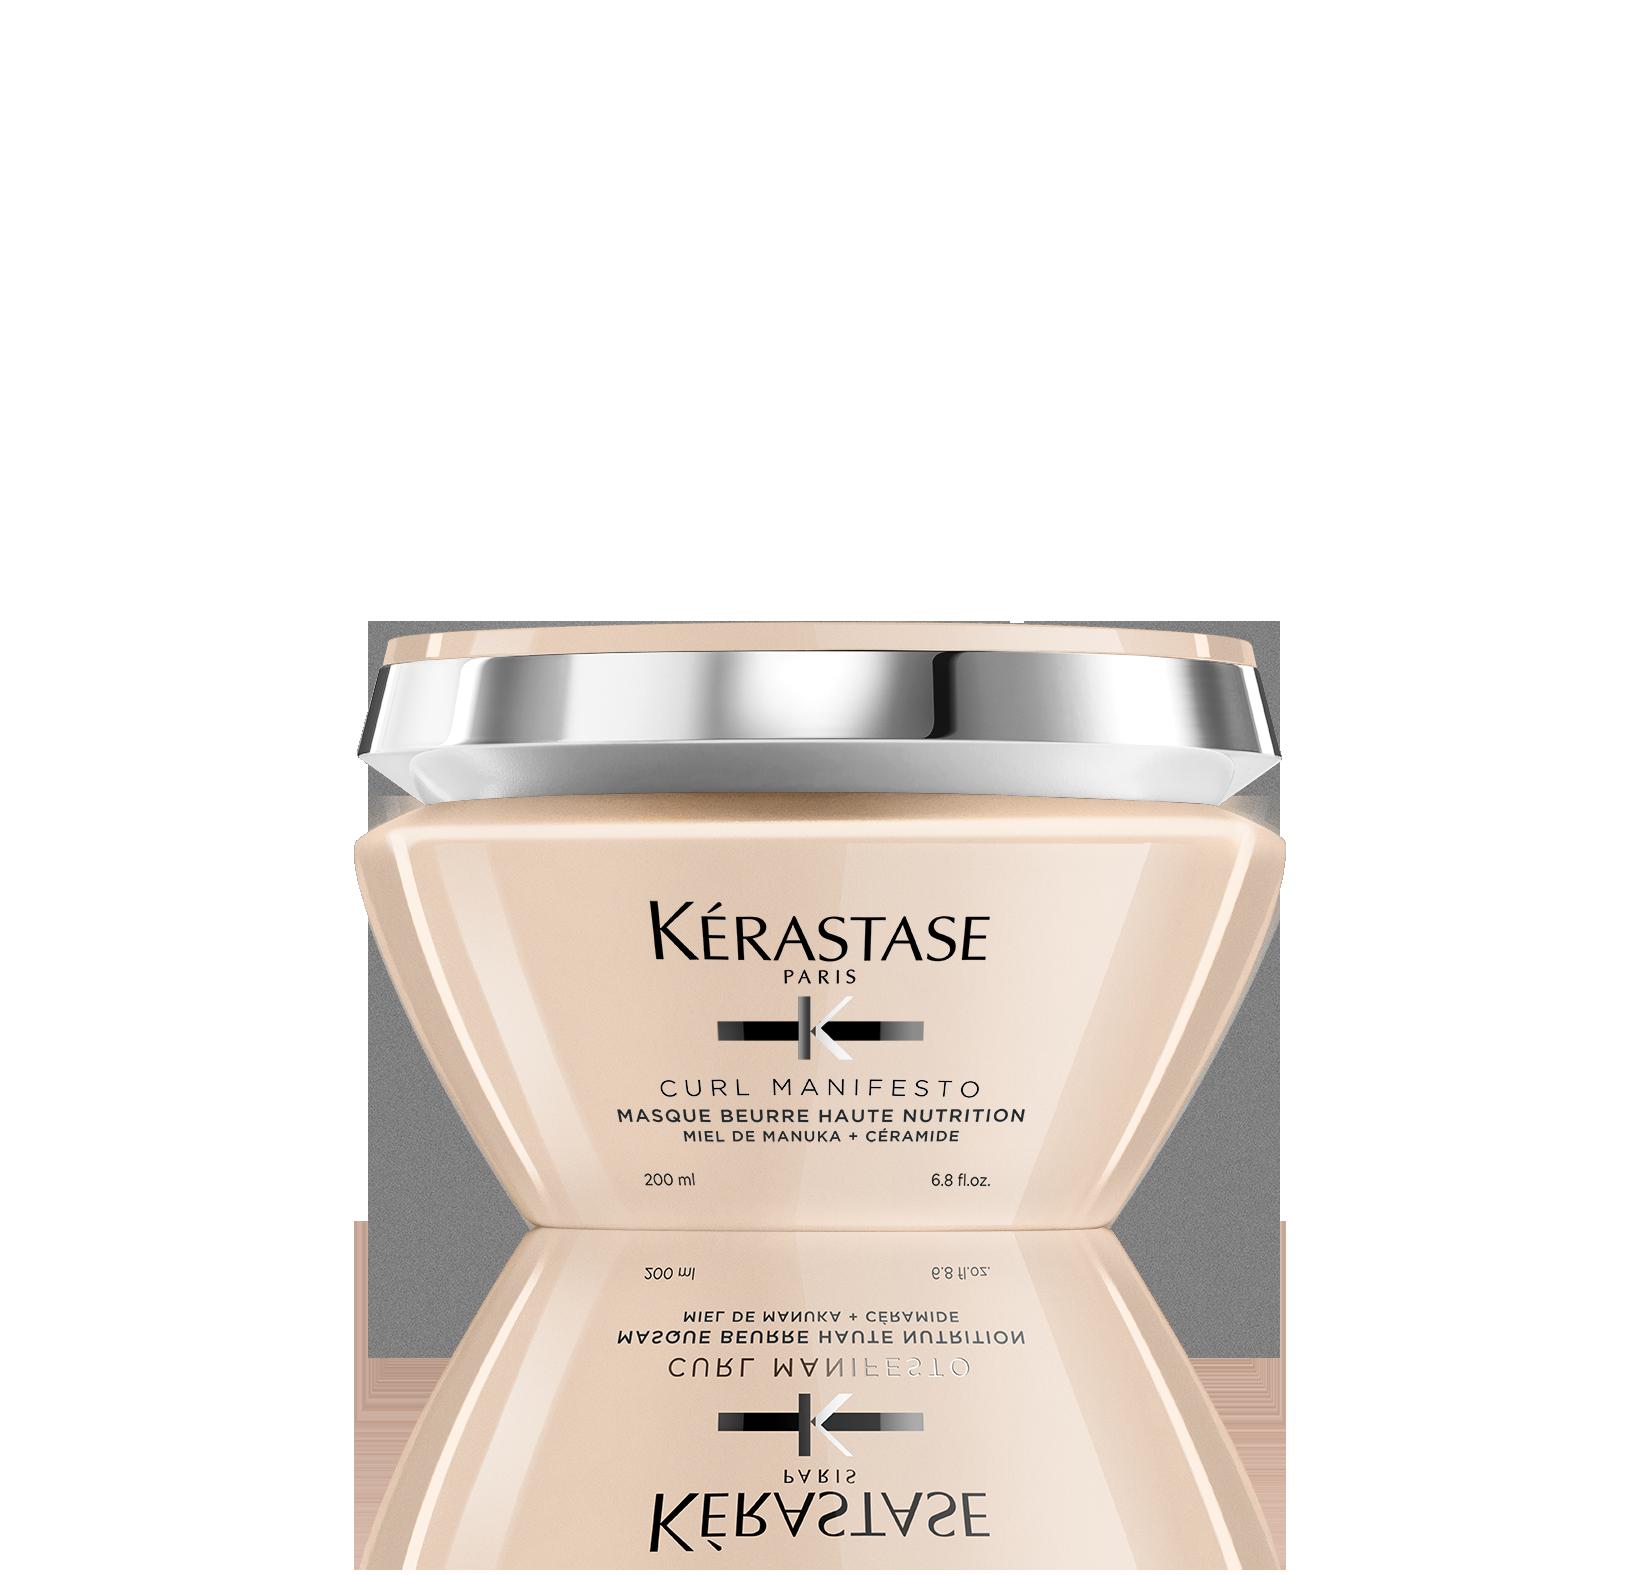 Kerastase CURL MANIFESTO Masque Beurre Haute Nutrition